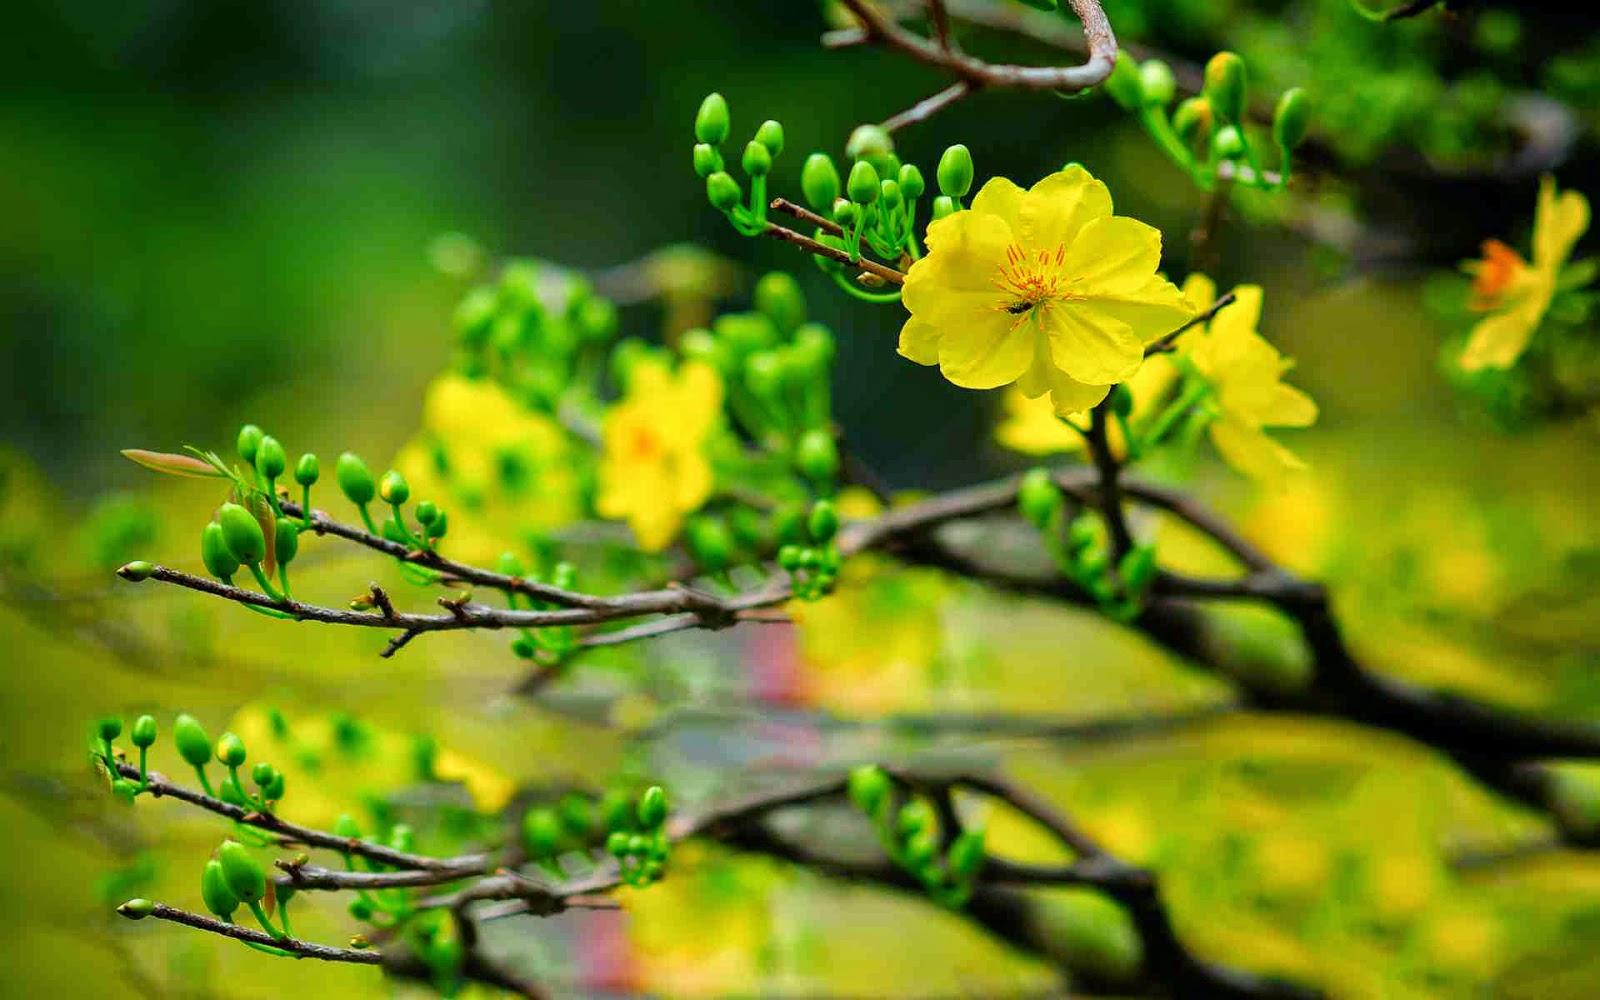 ảnh nền hoa đẹp